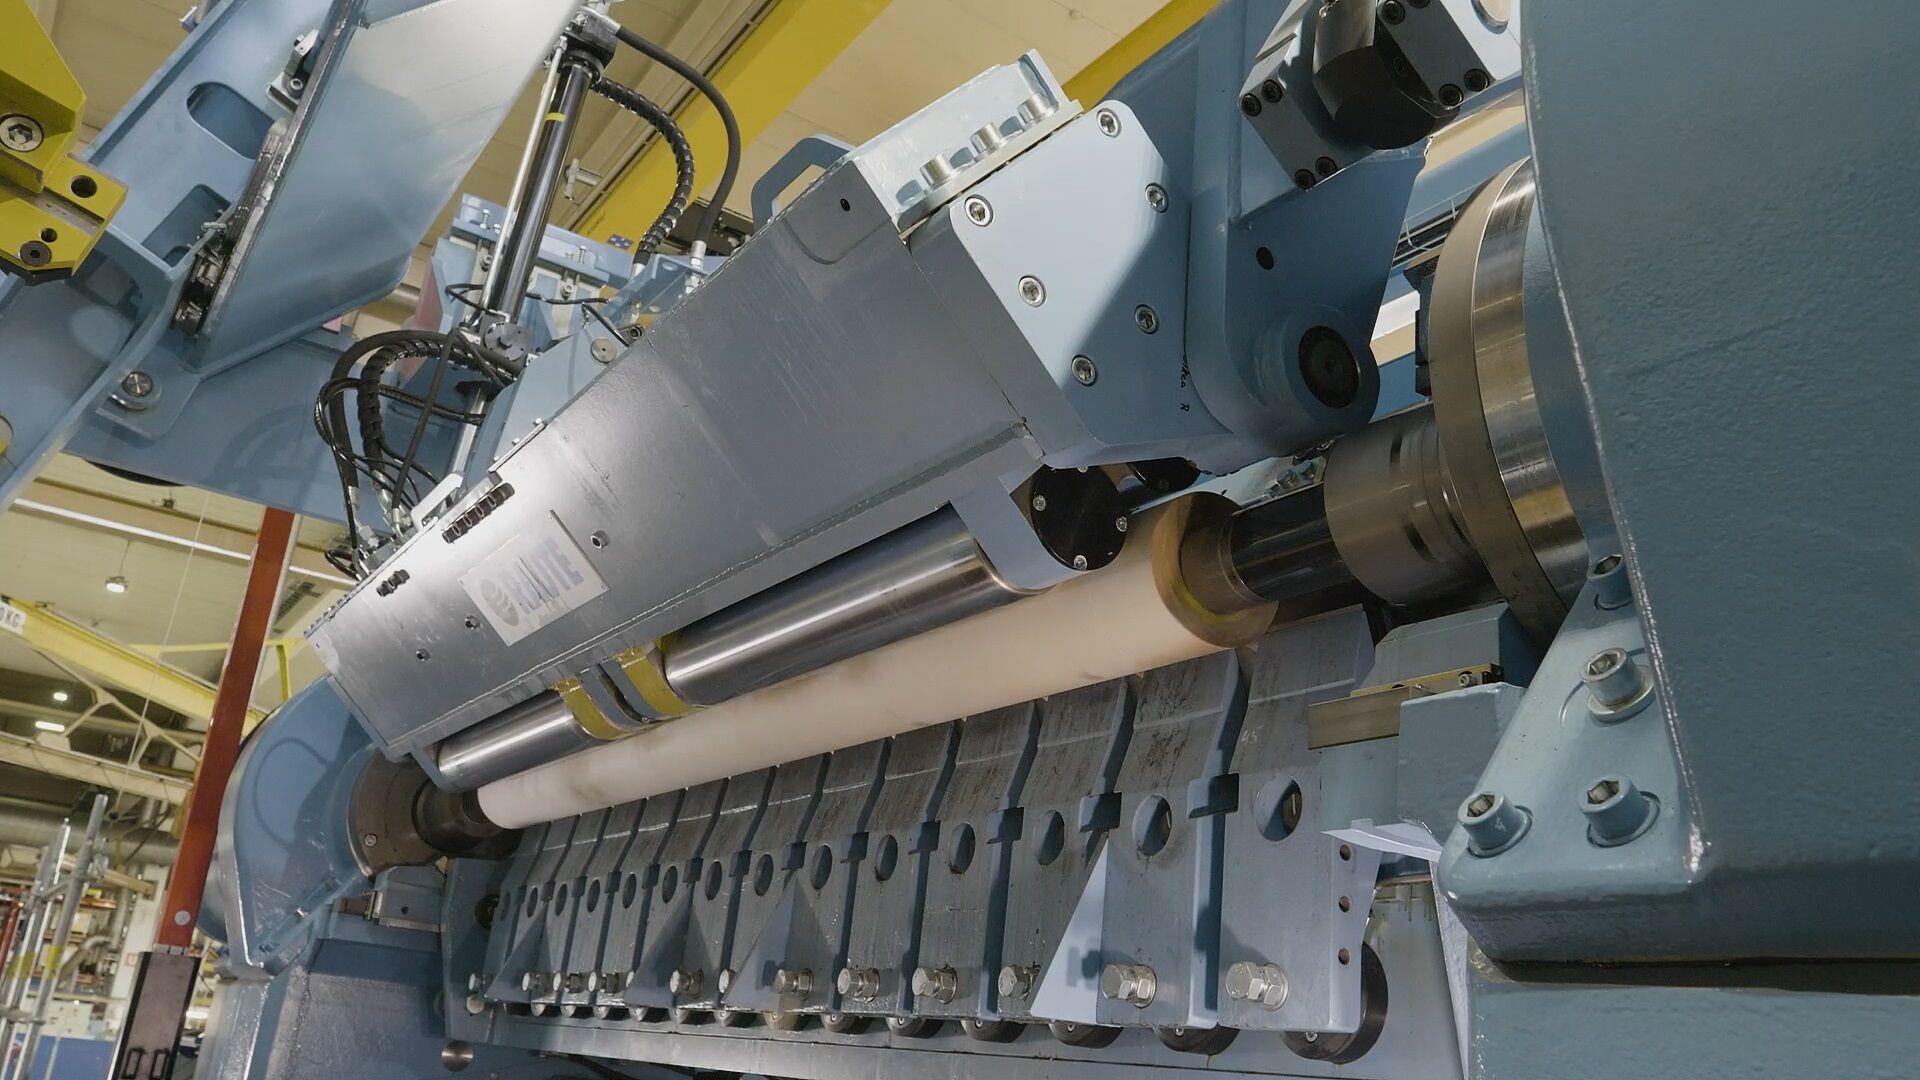 车床的最佳旋切几何形状 (OPG) 确保获得从表板到木芯的高质量单板。